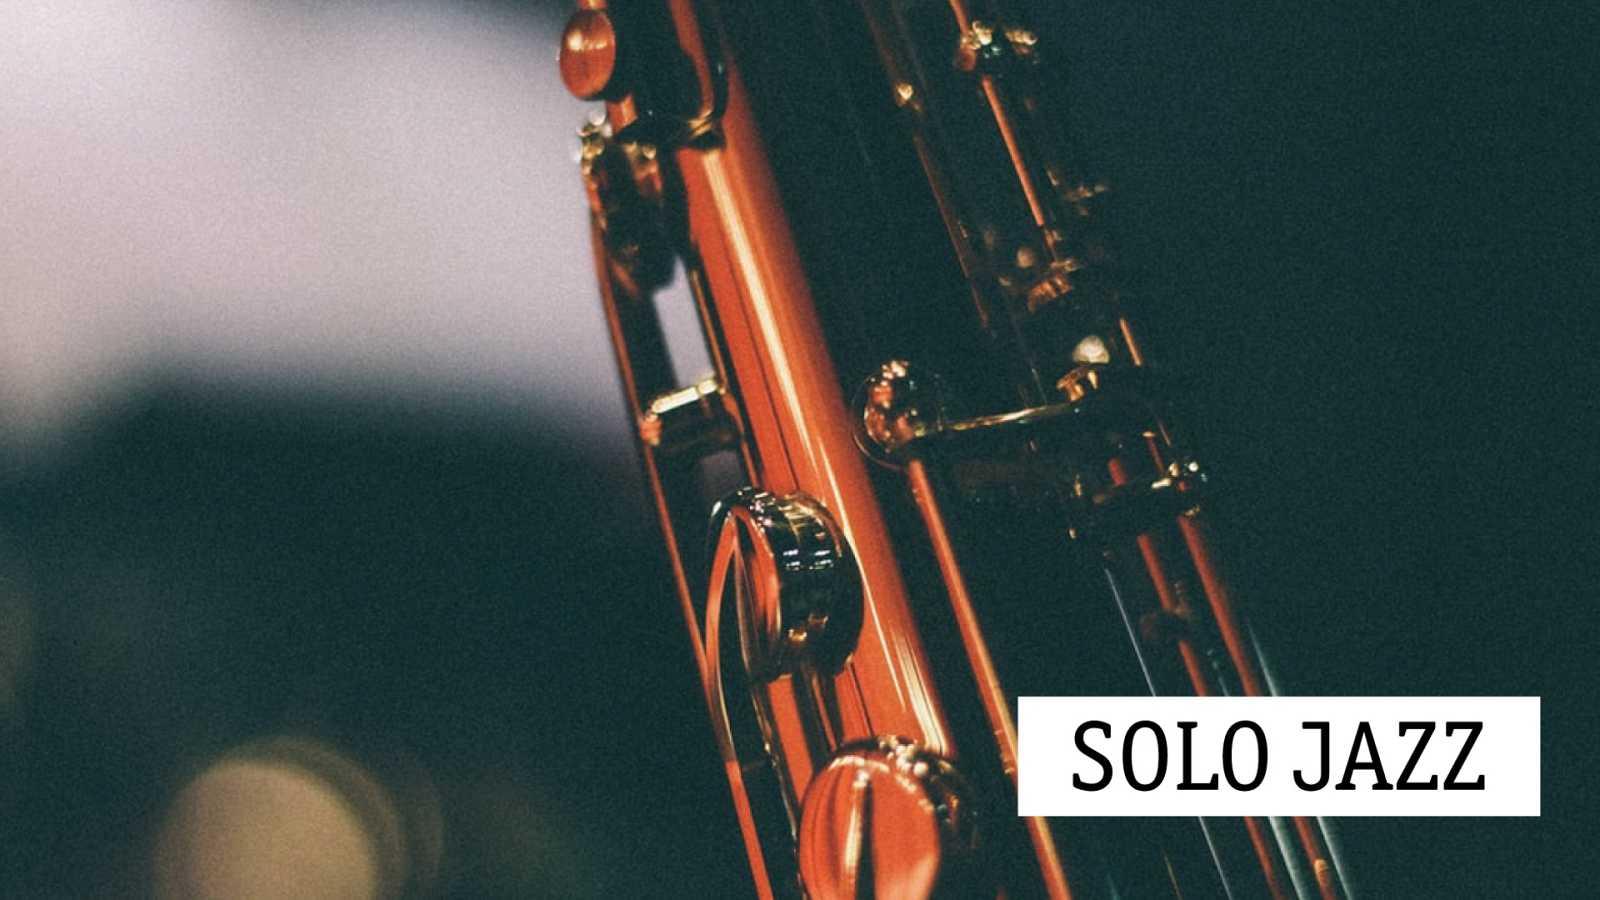 Solo Jazz - Siempre es un placer reencontrarse con Don Cherry - 26/04/21 - escuchar ahora